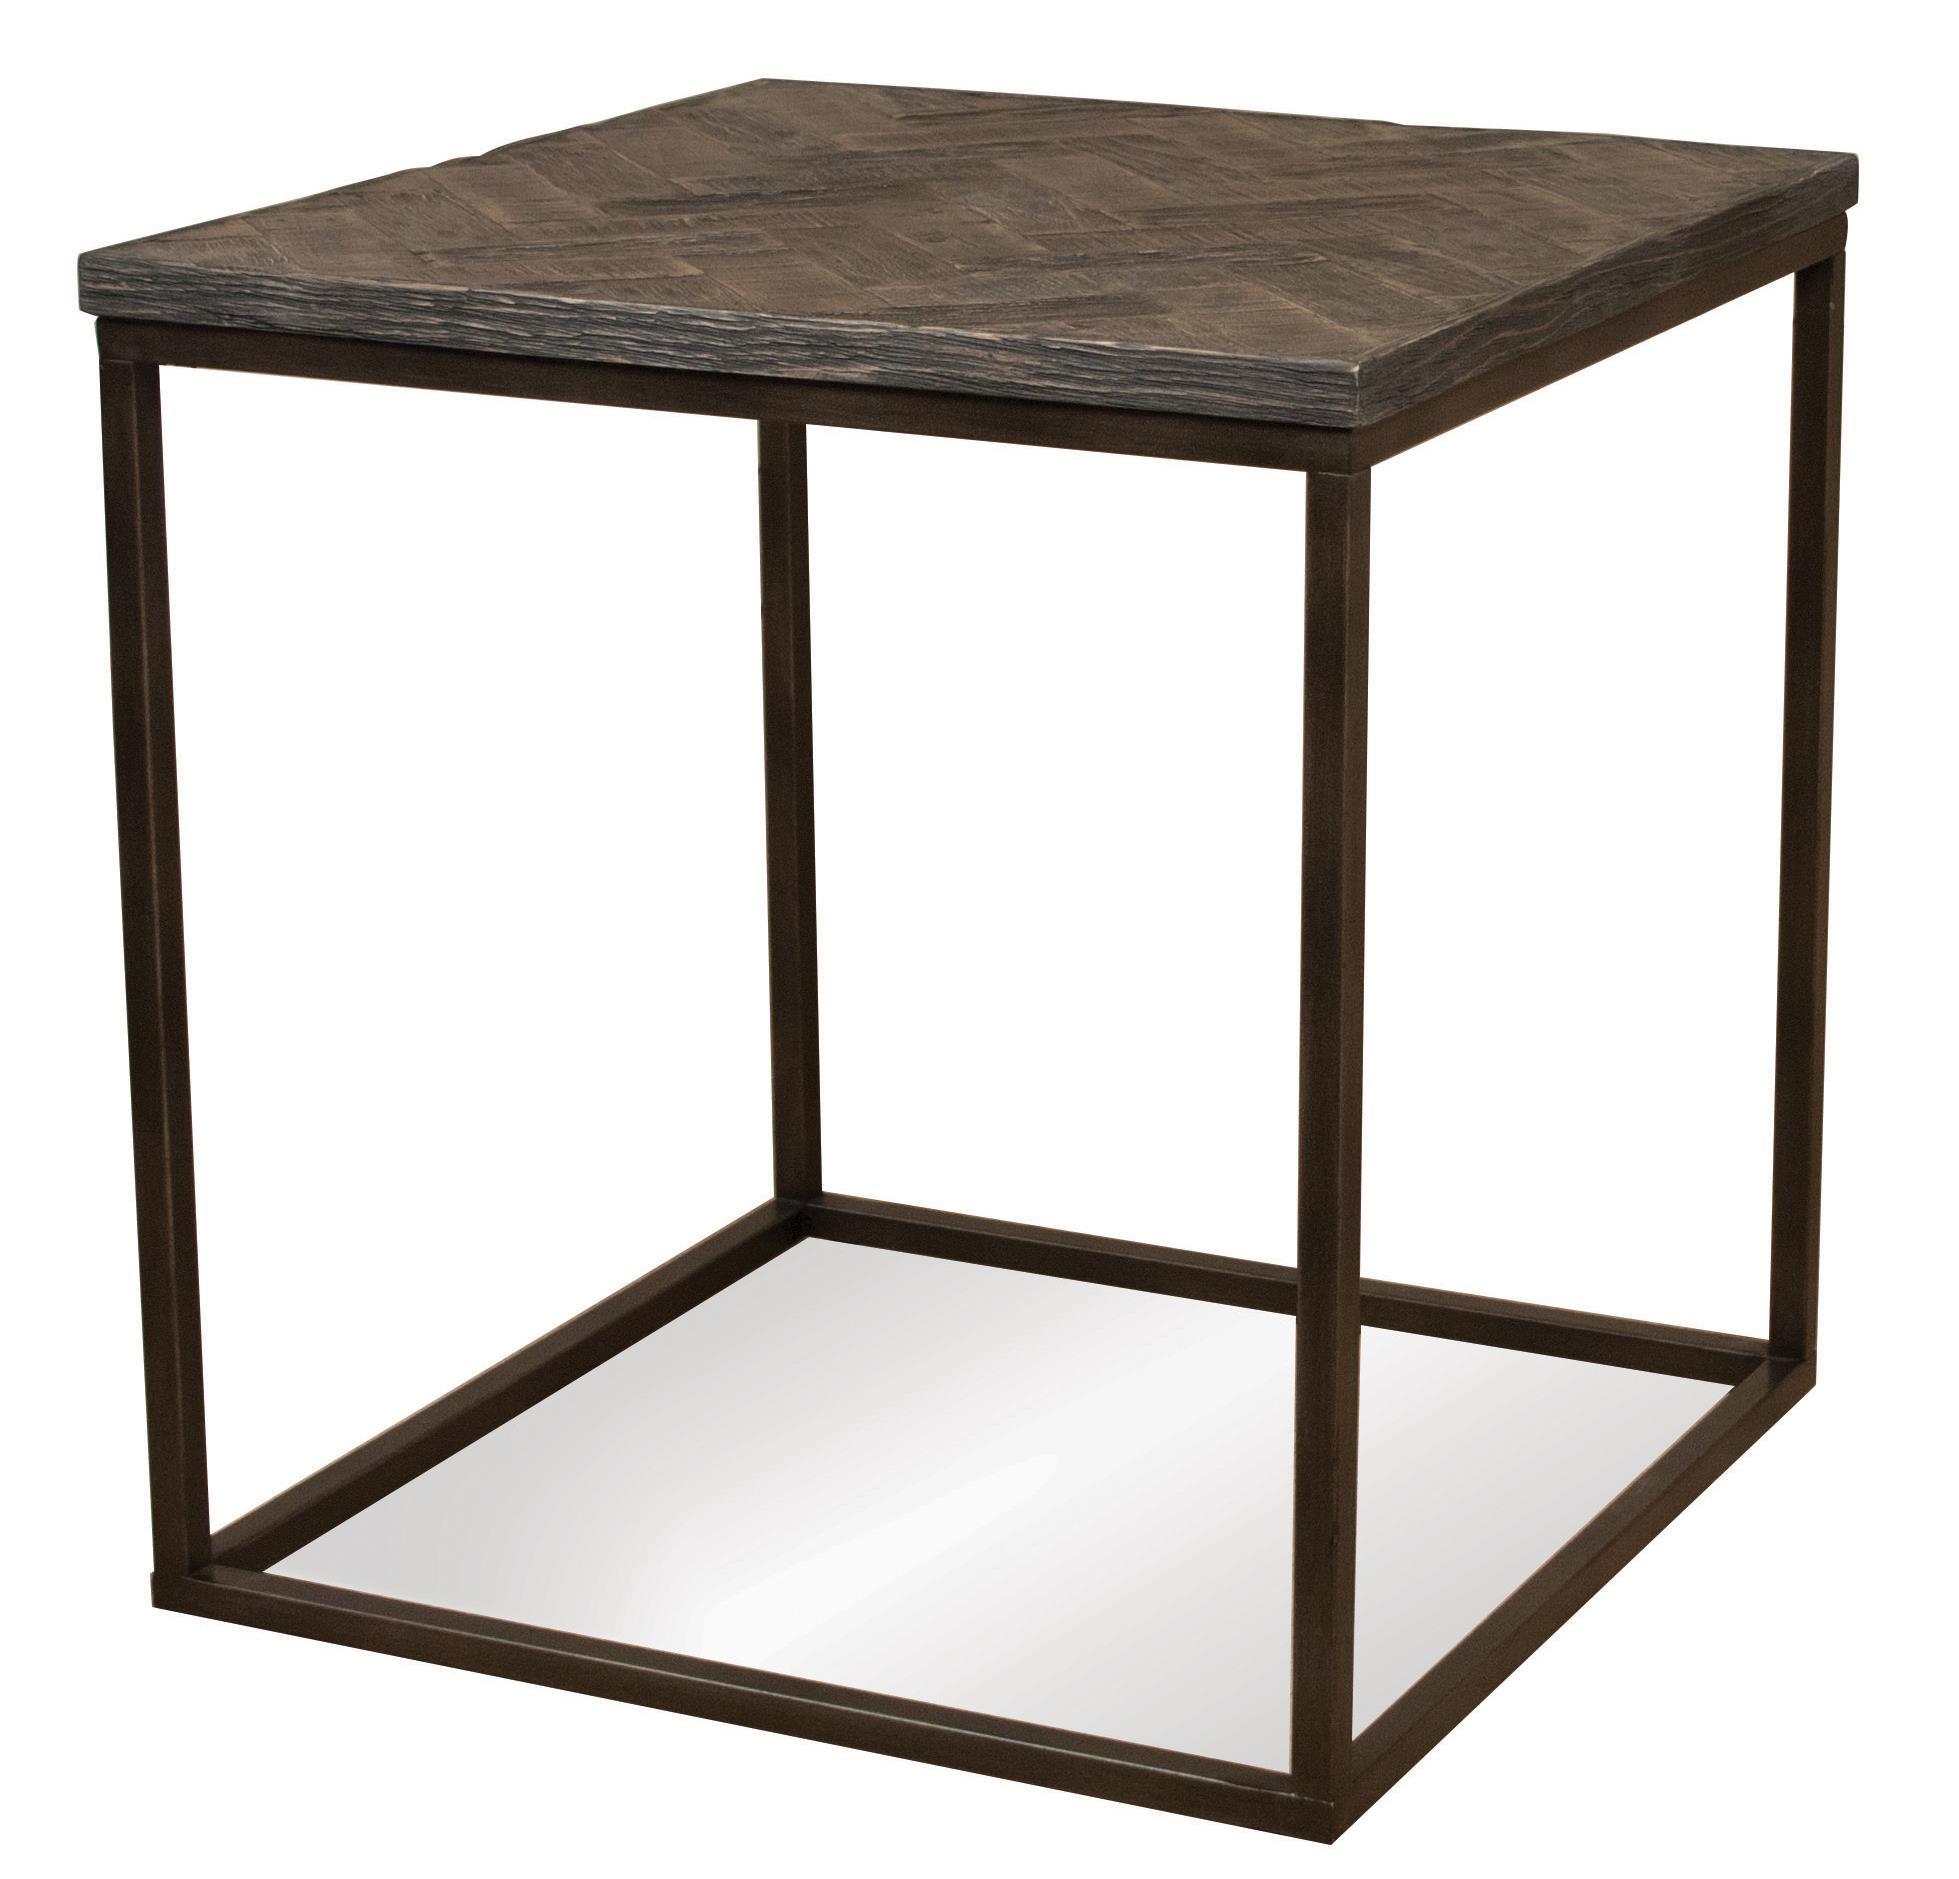 riverside furniture chevron chevron top square side table colder s rh colders com